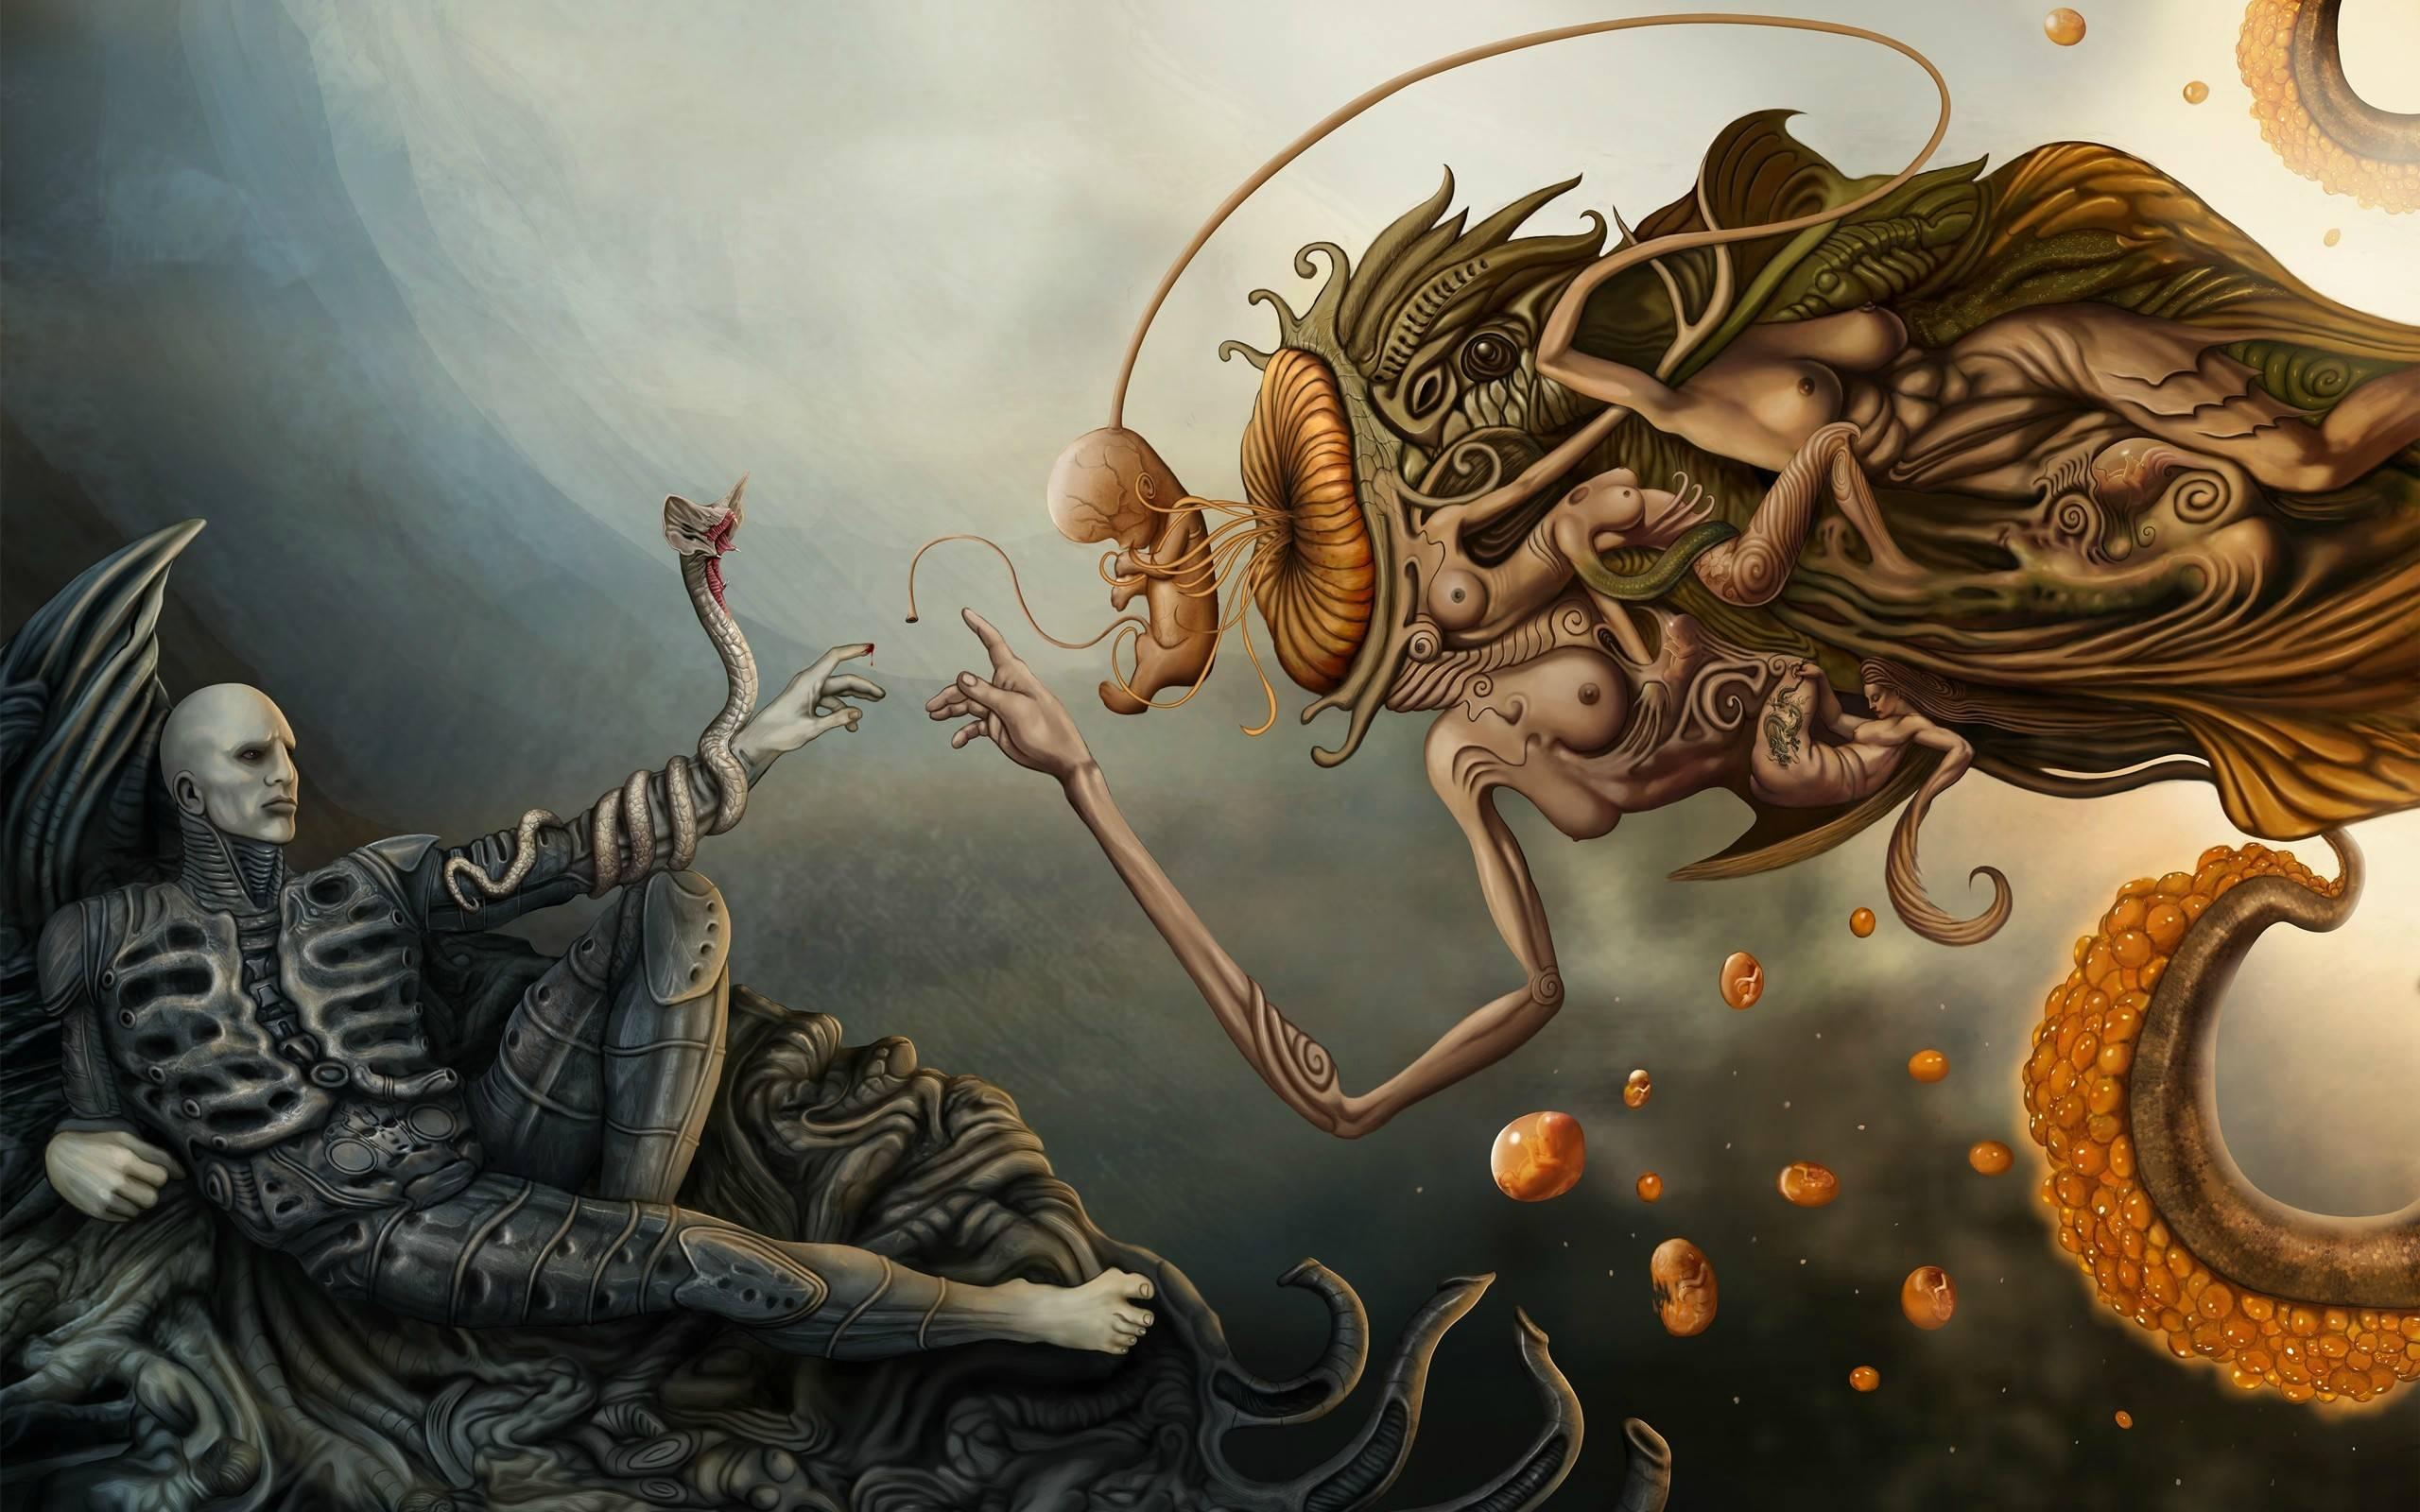 La creación de Alien, Las creaciones vienen y van, imitando a Miguel Ángel #culturaquemadura